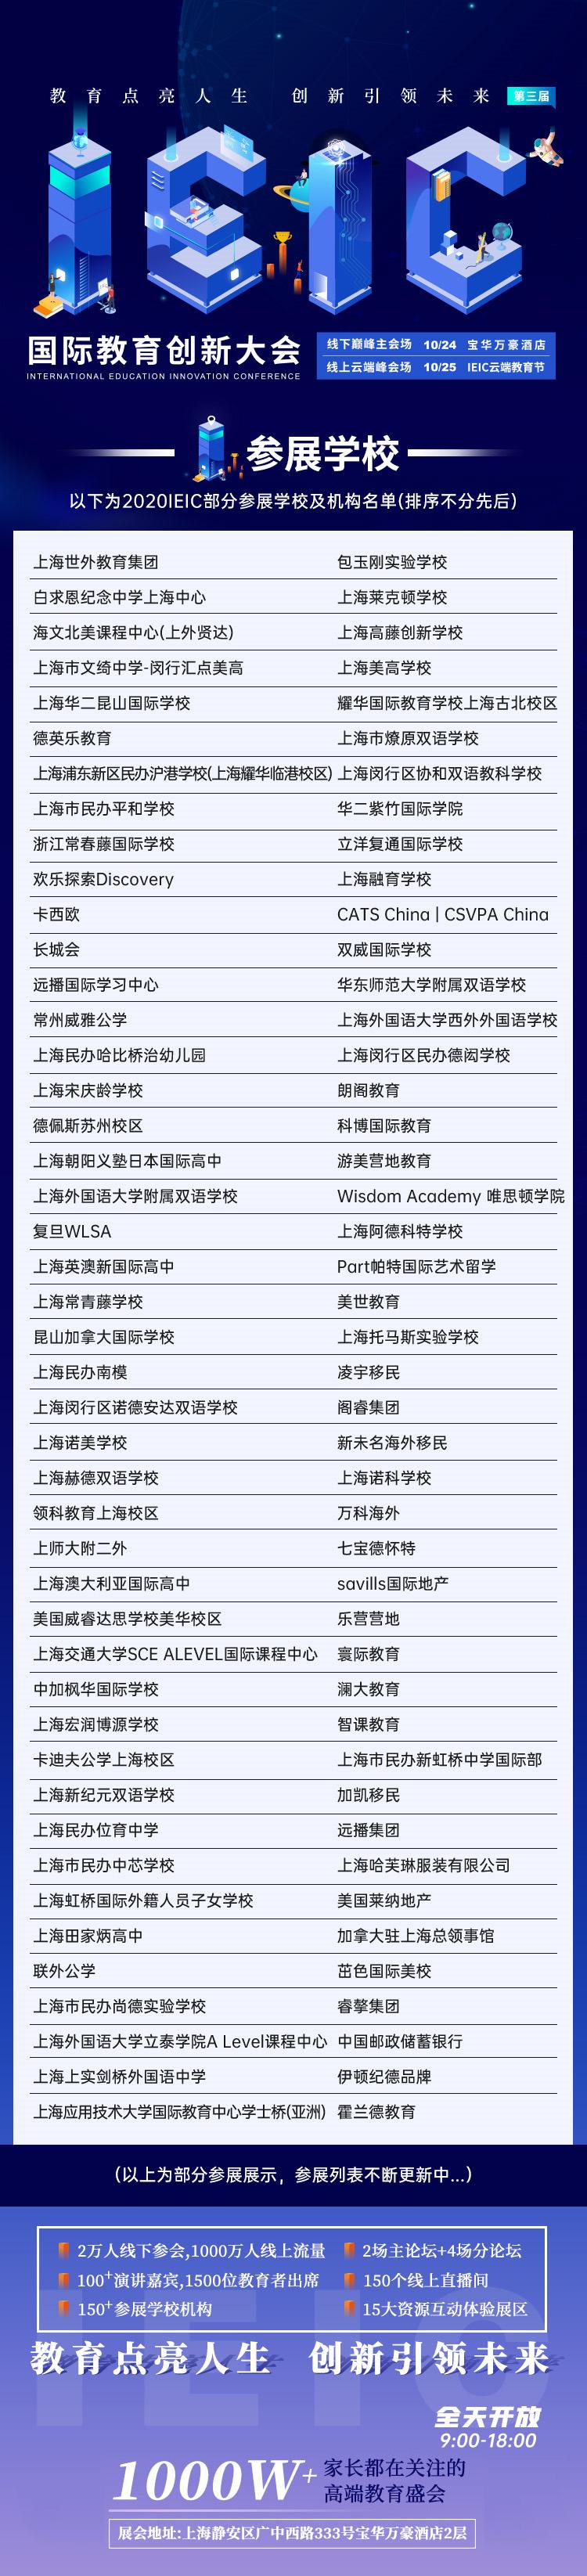 IEIC国际教育创新大会参展学校